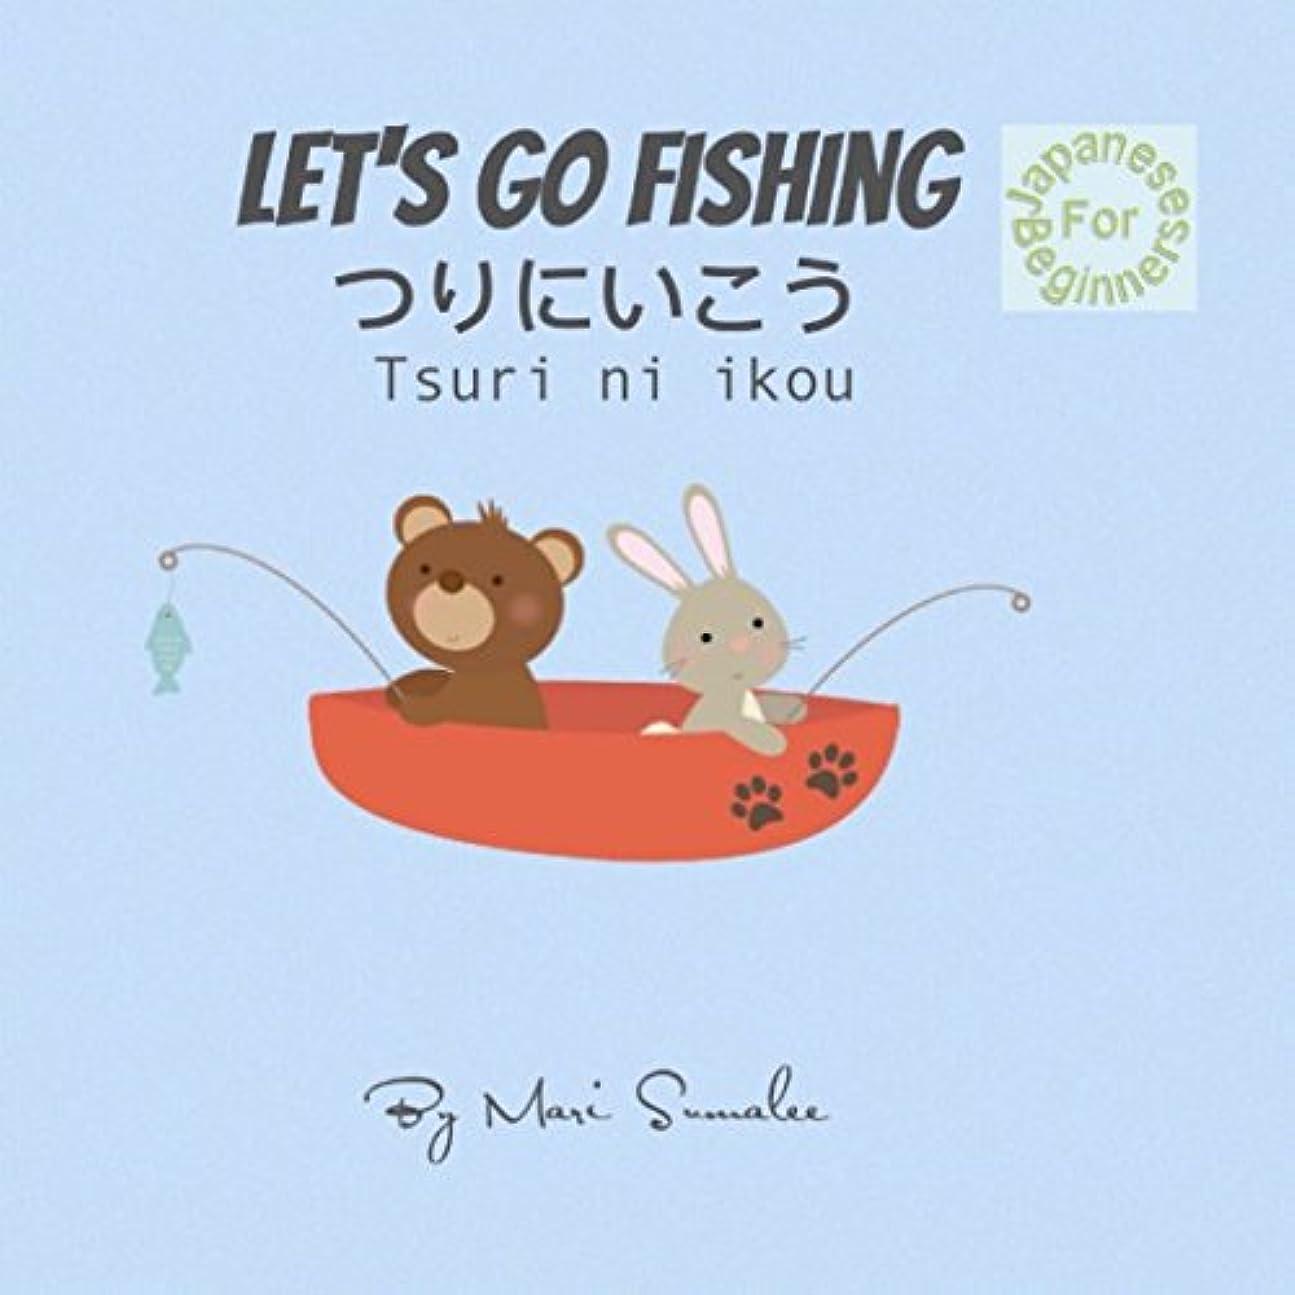 小説エールスペシャリストLet's go fishing つりにいこう Tsuri ni ikou: Japanese for Beginners Edition